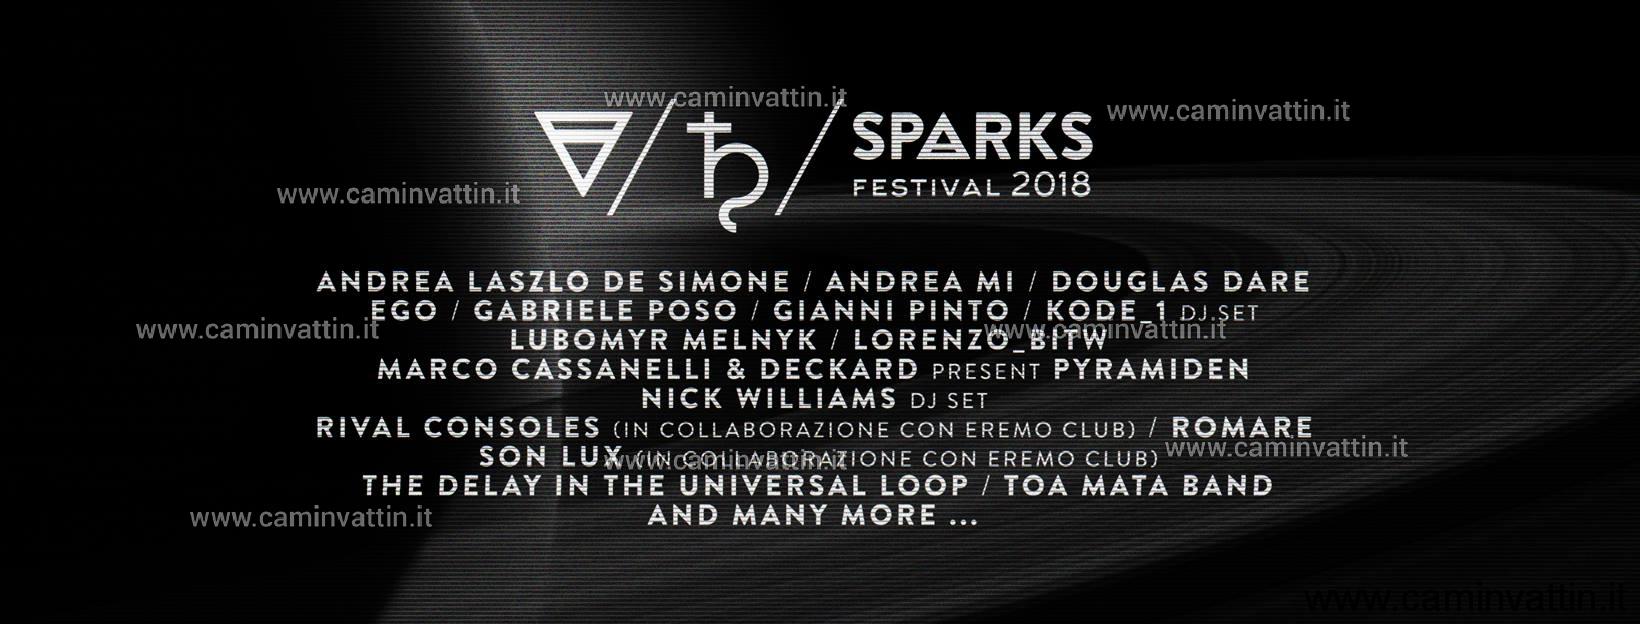 sparks festival 2018